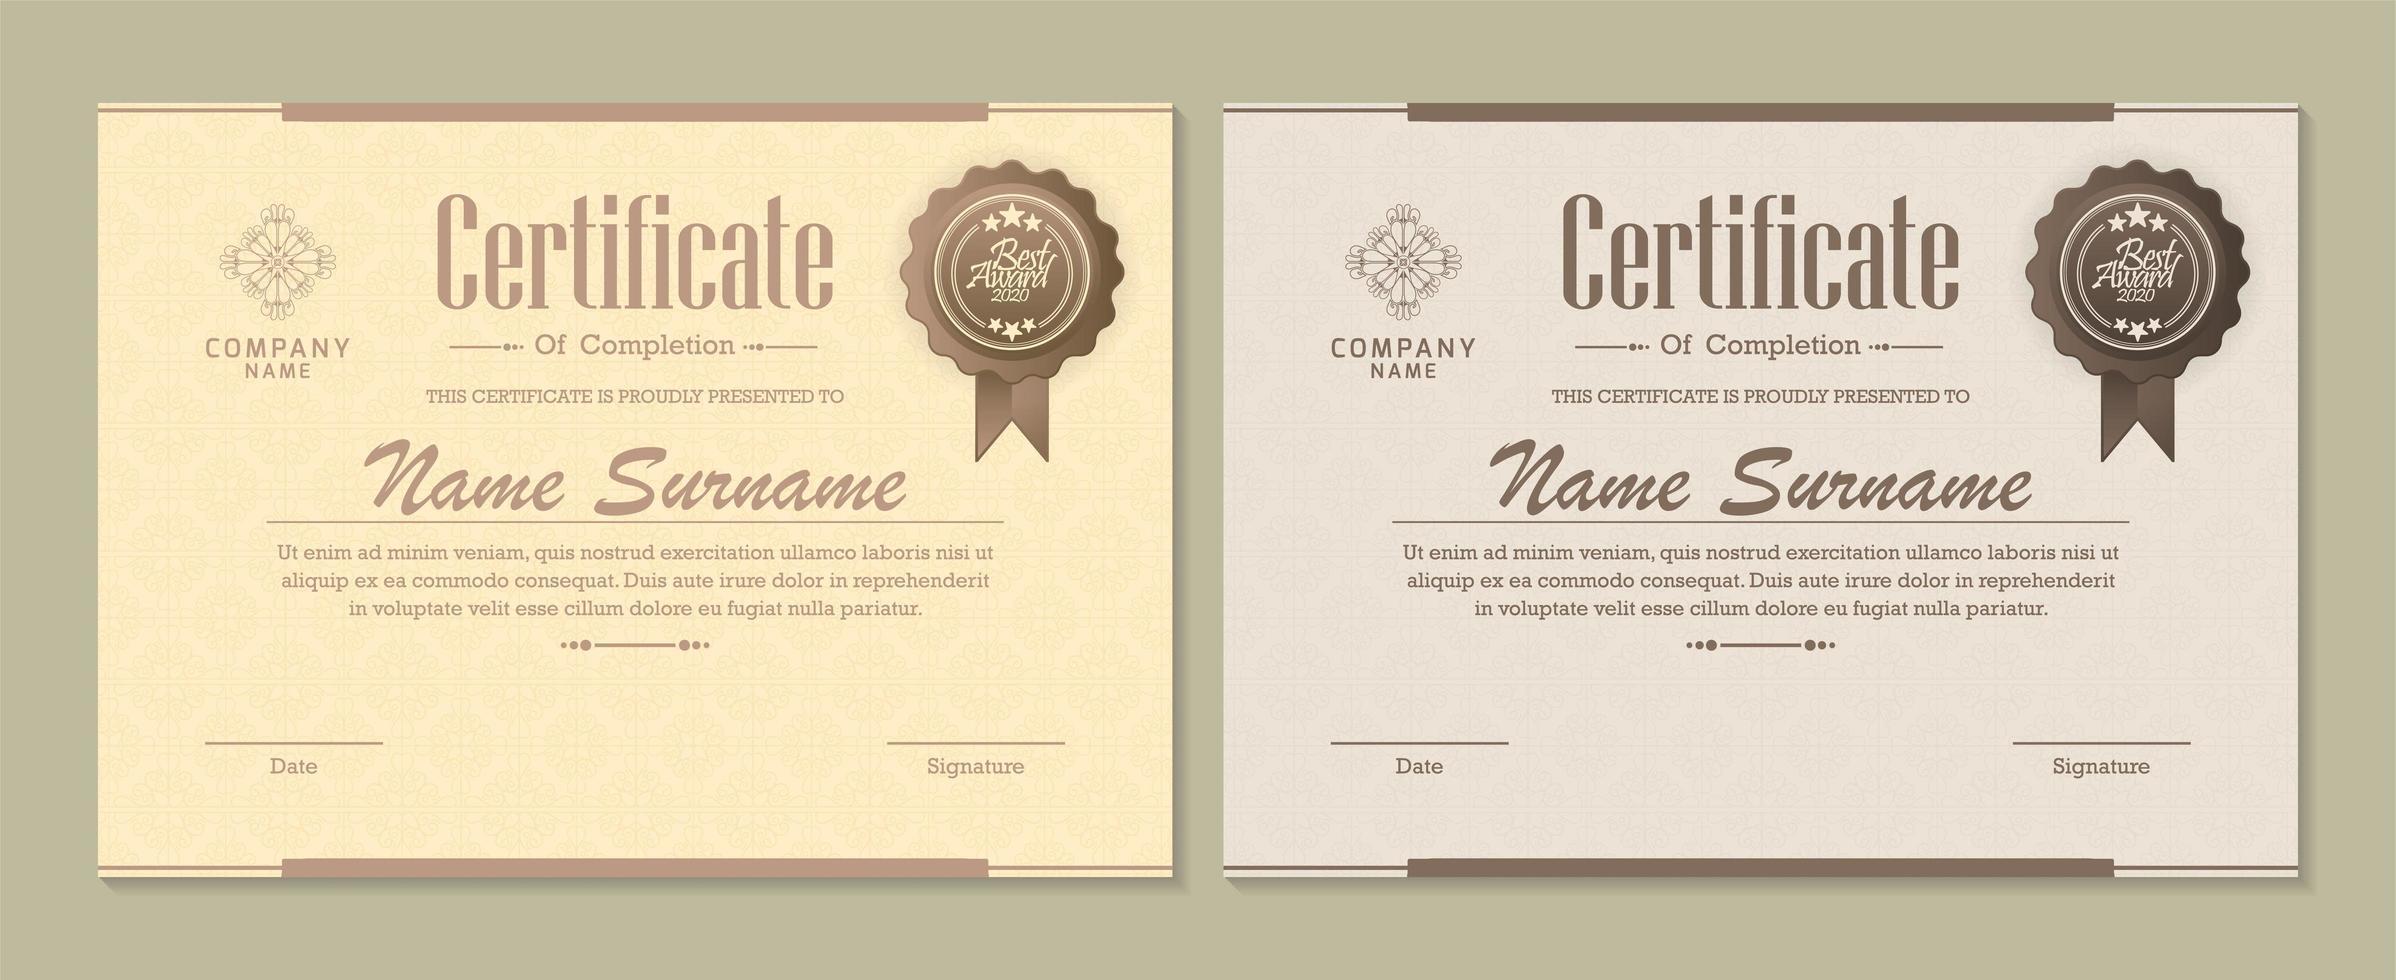 diploma certificado definido com emblemas vetor